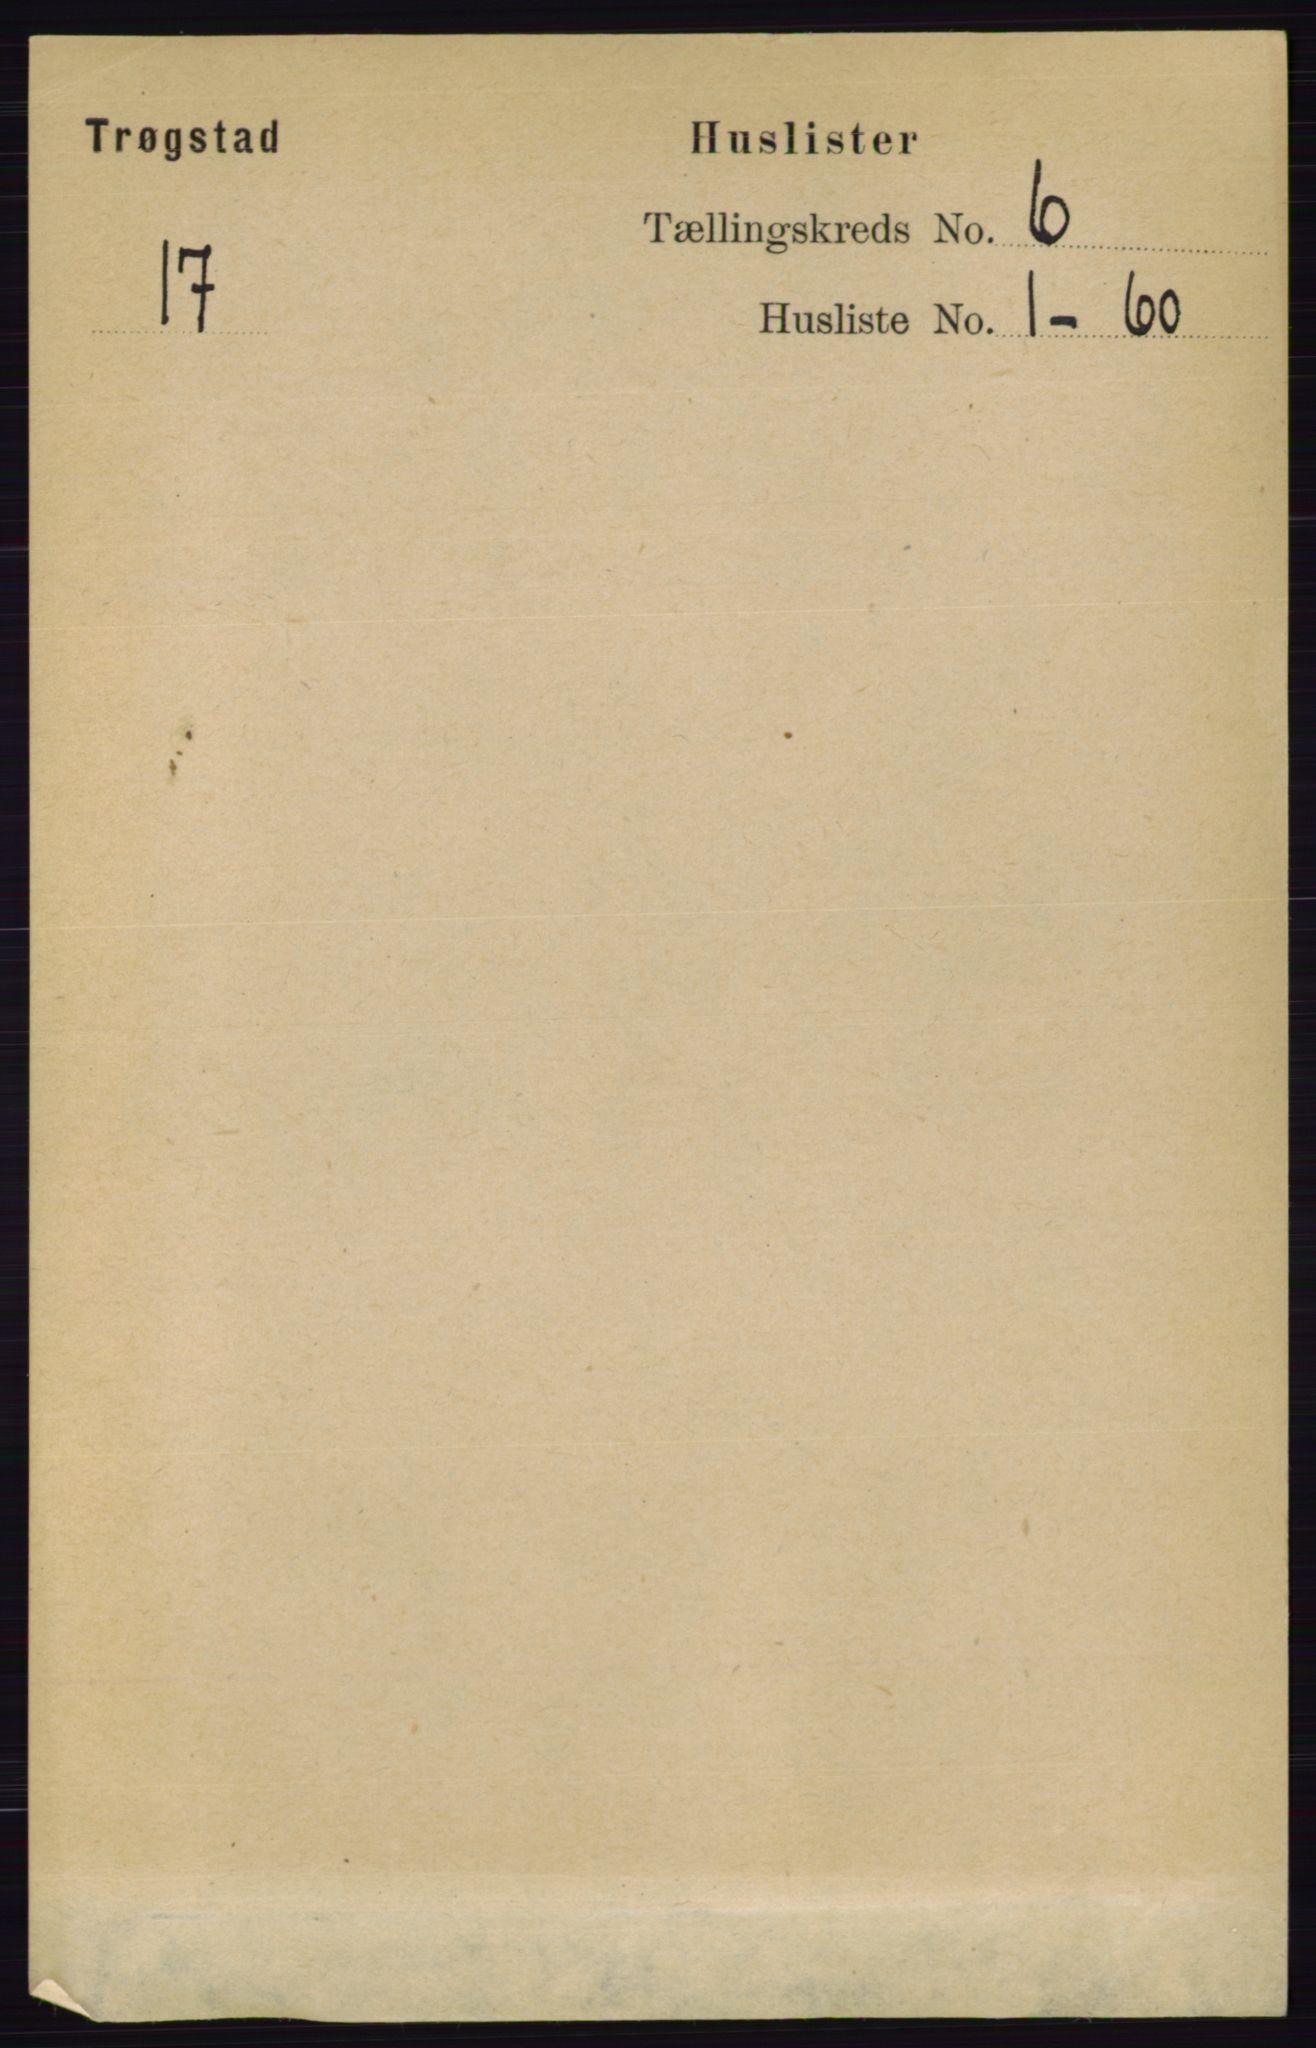 RA, Folketelling 1891 for 0122 Trøgstad herred, 1891, s. 2423